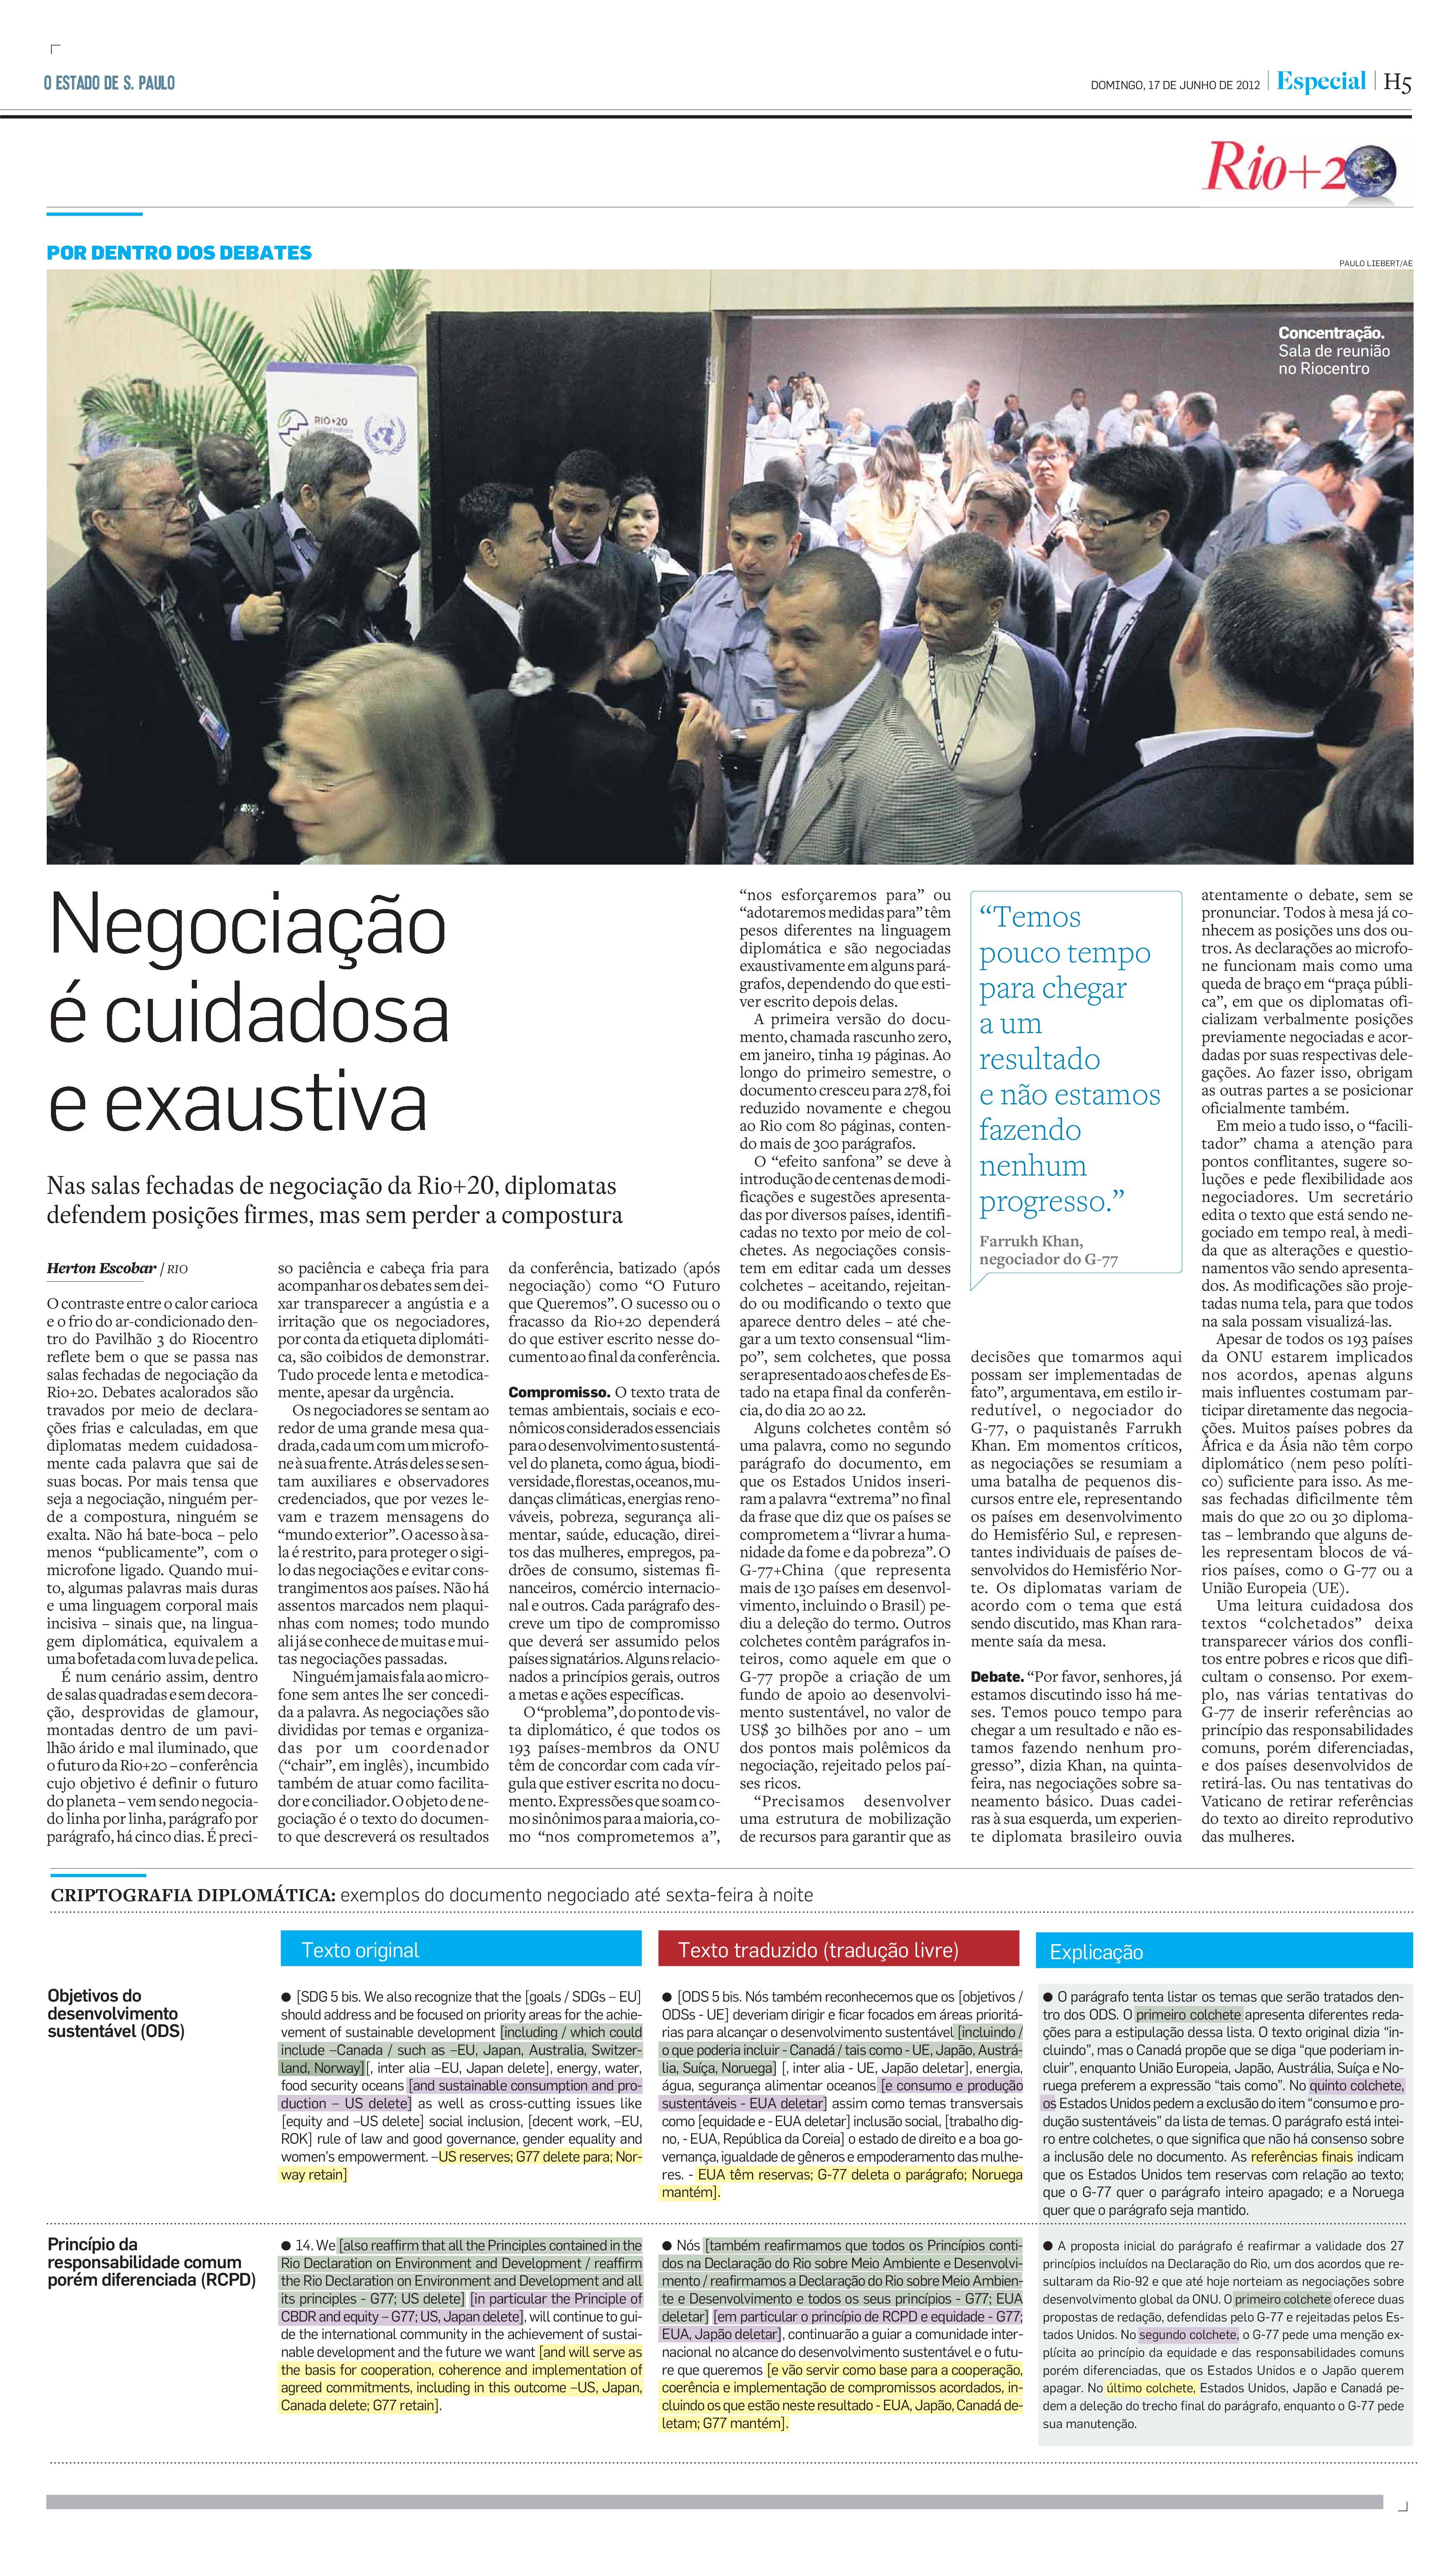 Rio+20: Negociação é cuidadosa e exaustiva